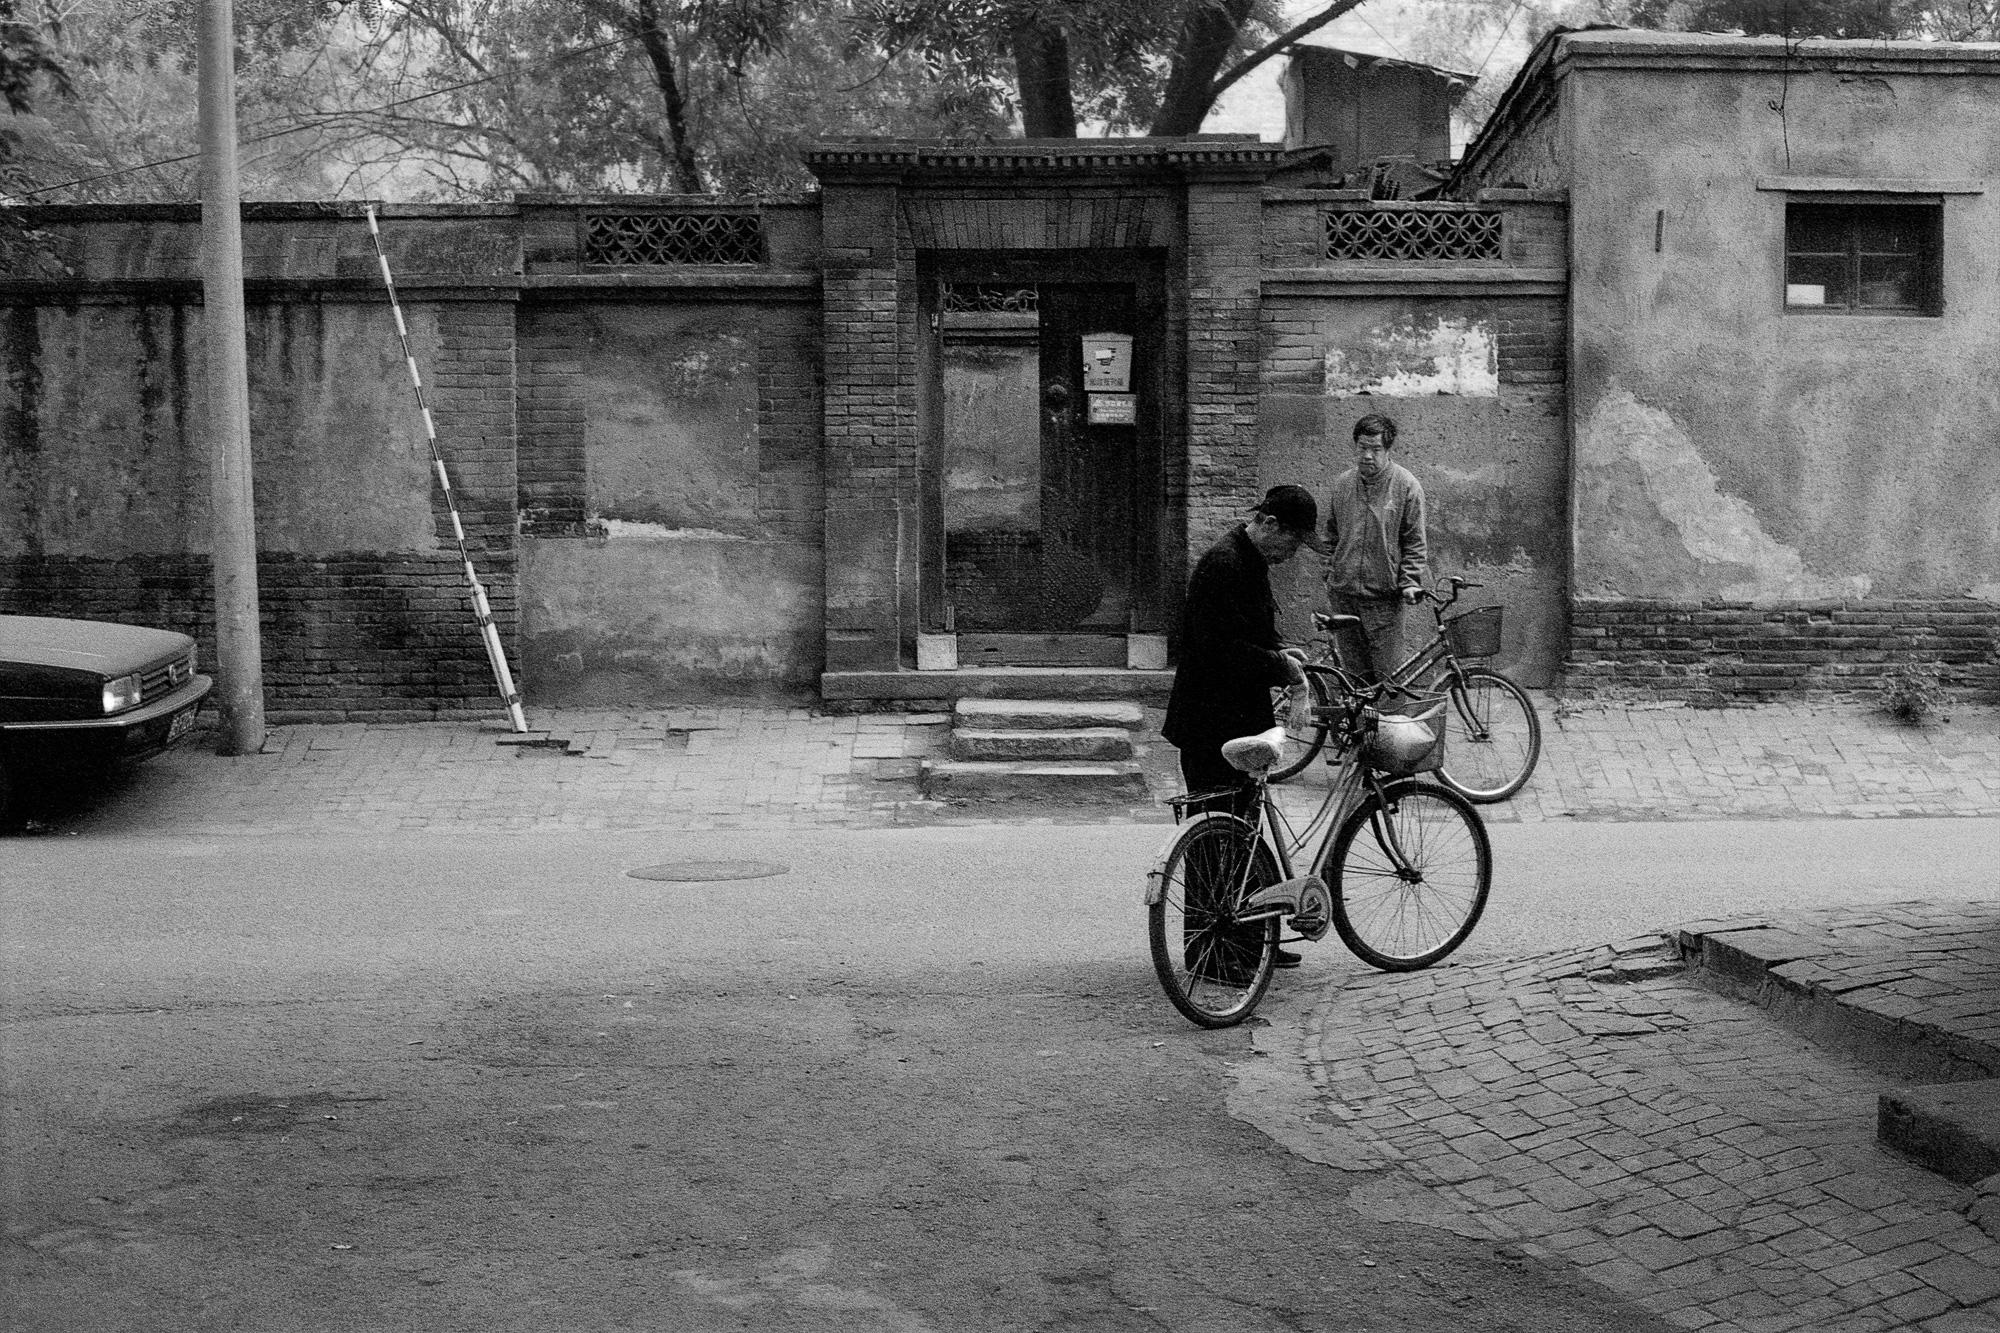 china_bike_12x8_06.jpg